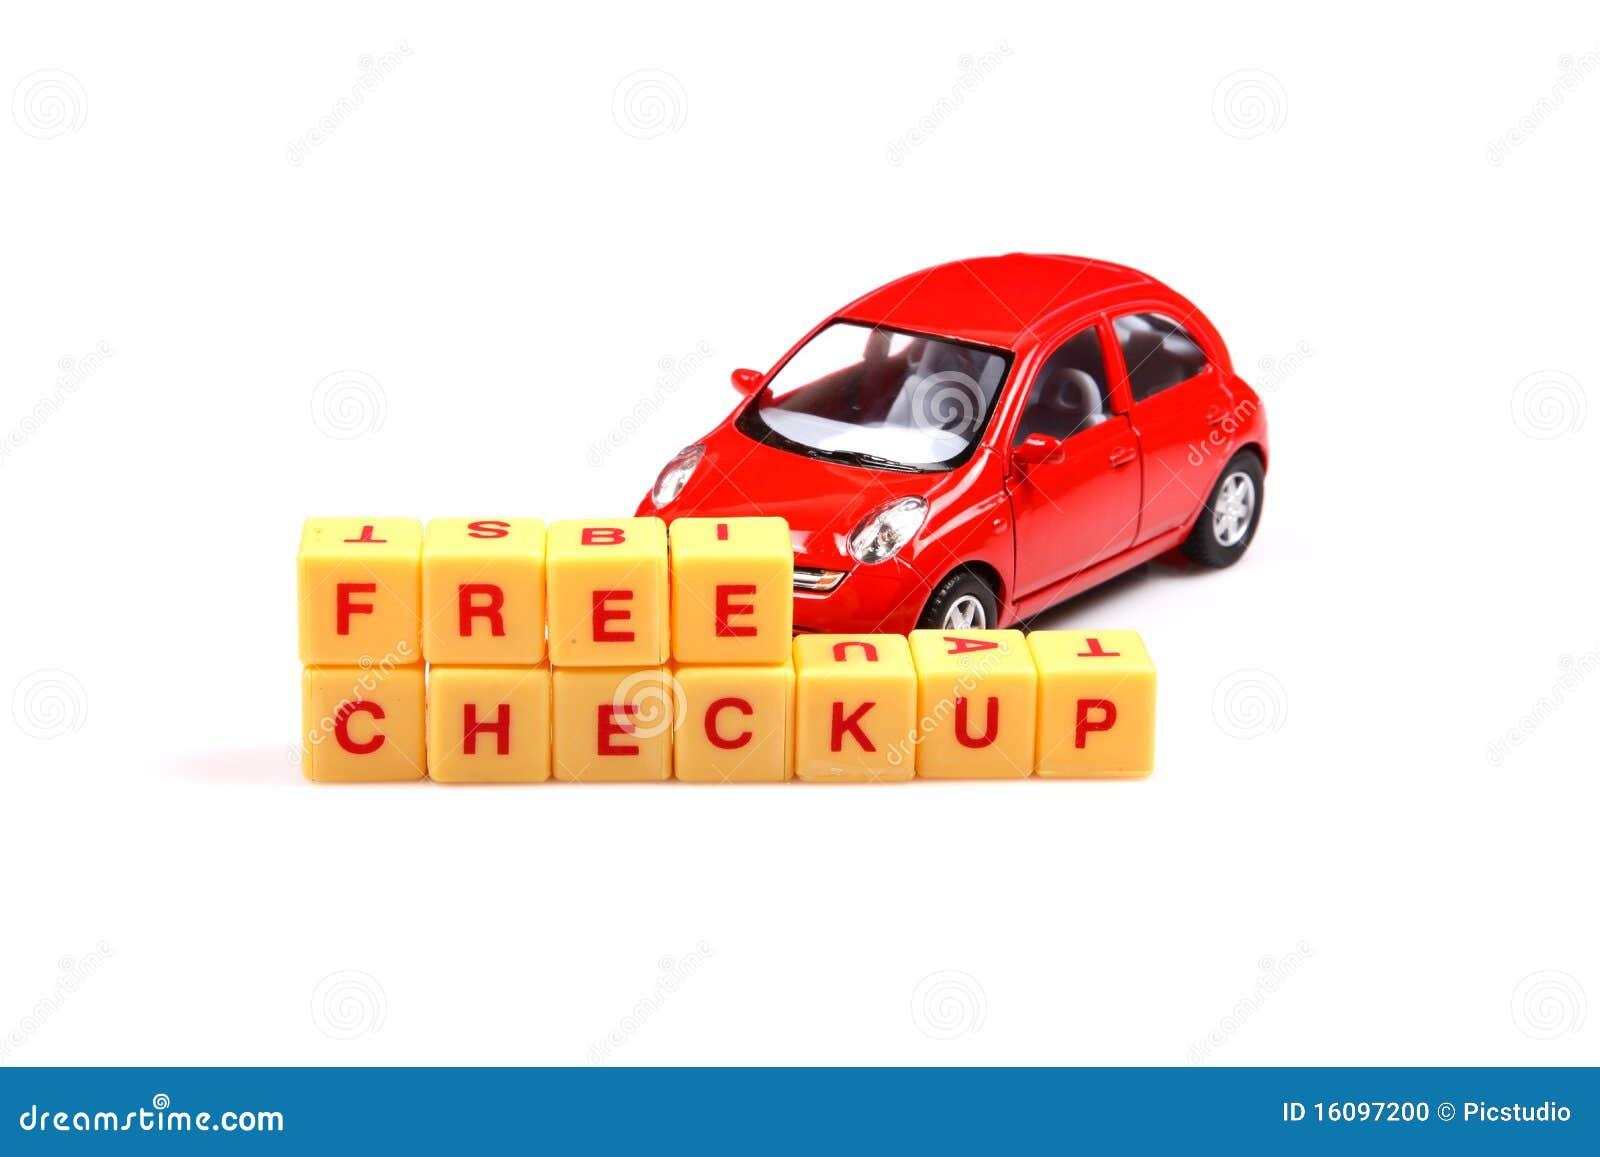 Free car check up